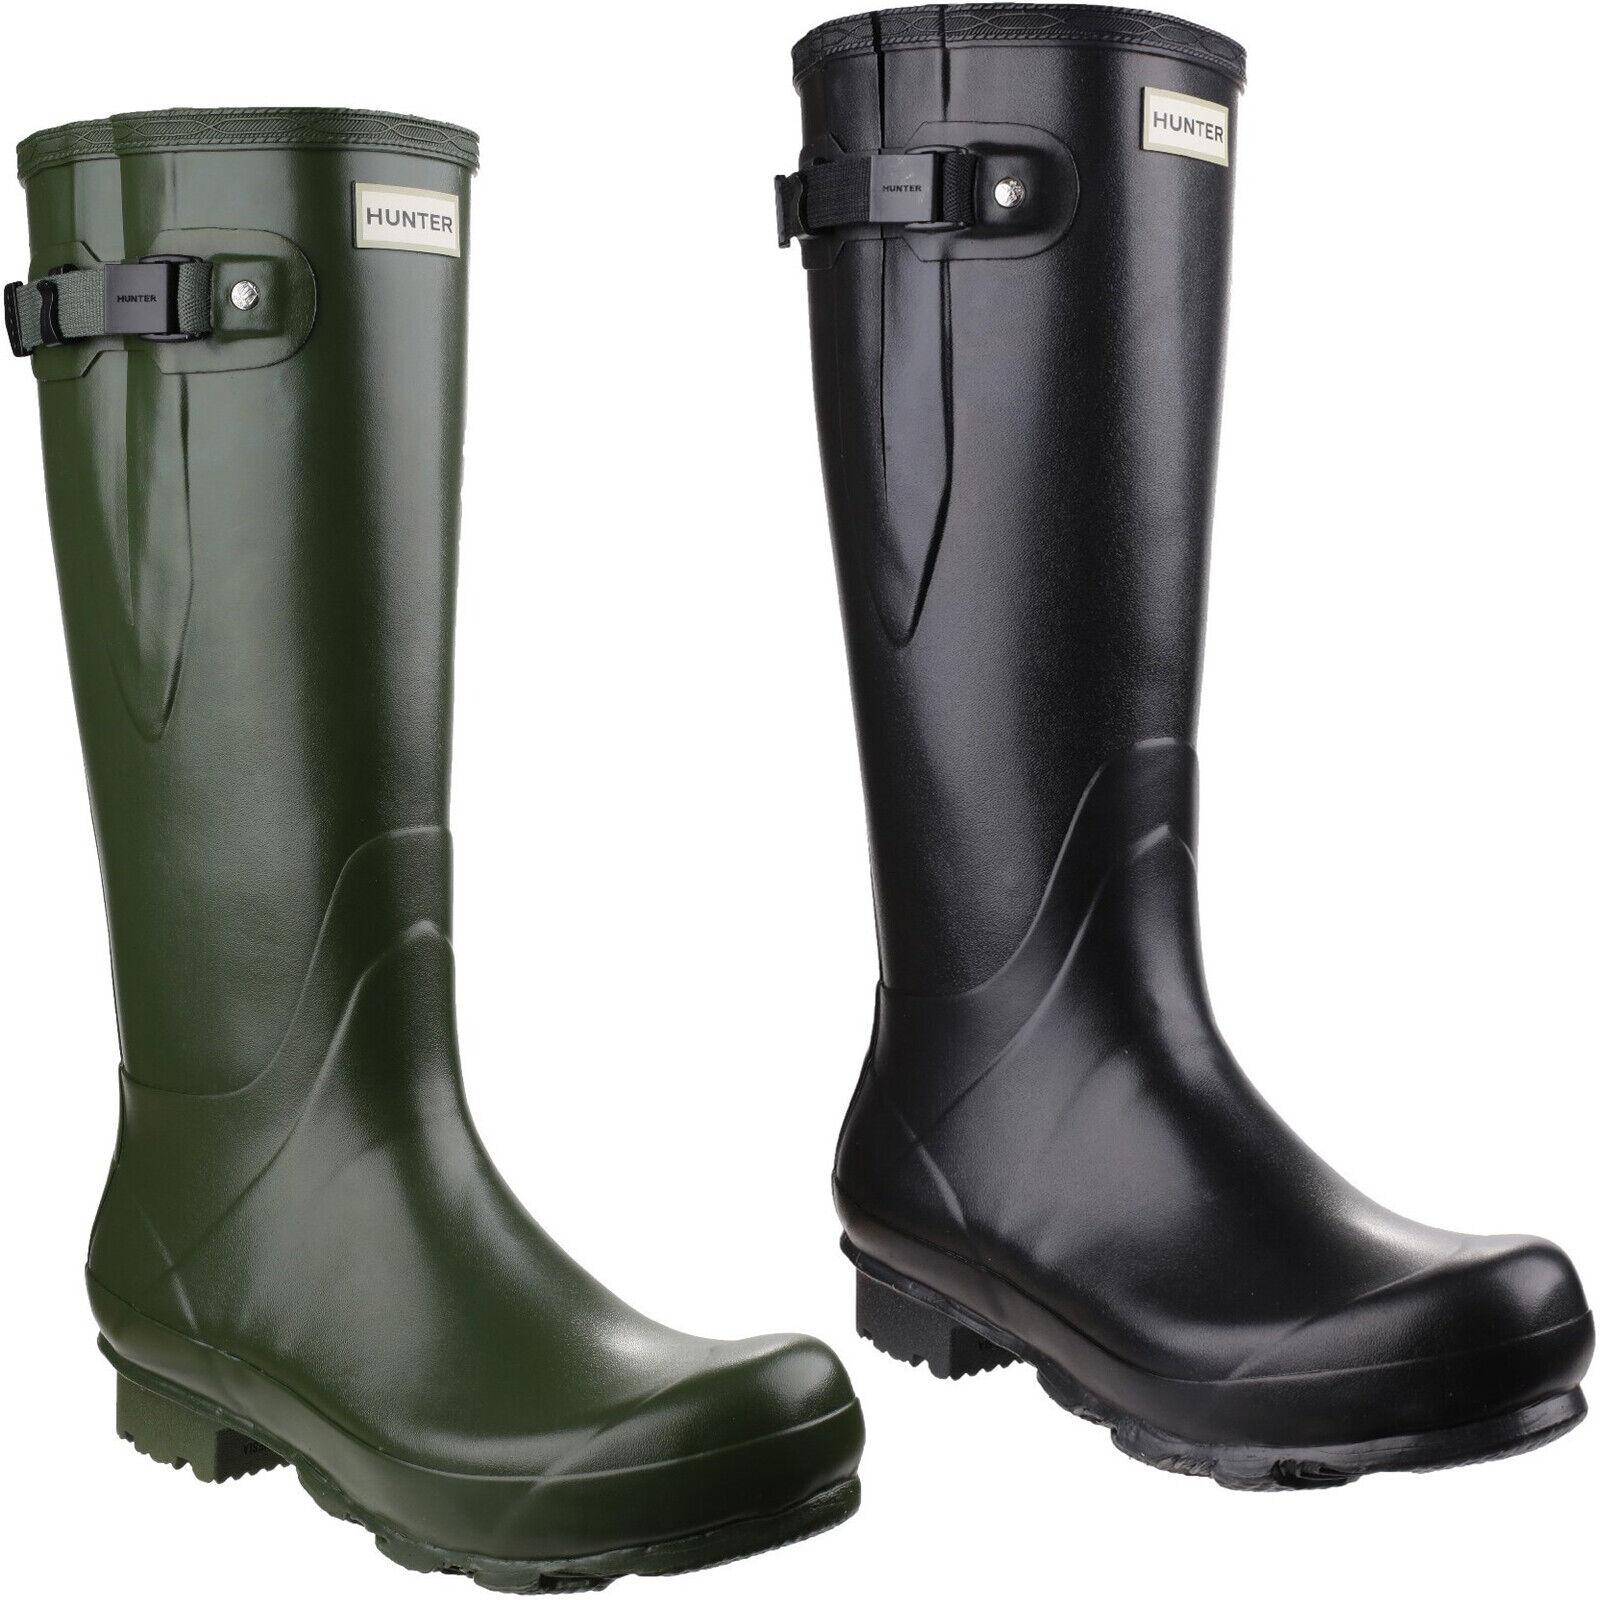 Hunter Norris Adjustable Wellington Stiefel Mens damen Iconic Waterproof Wellies